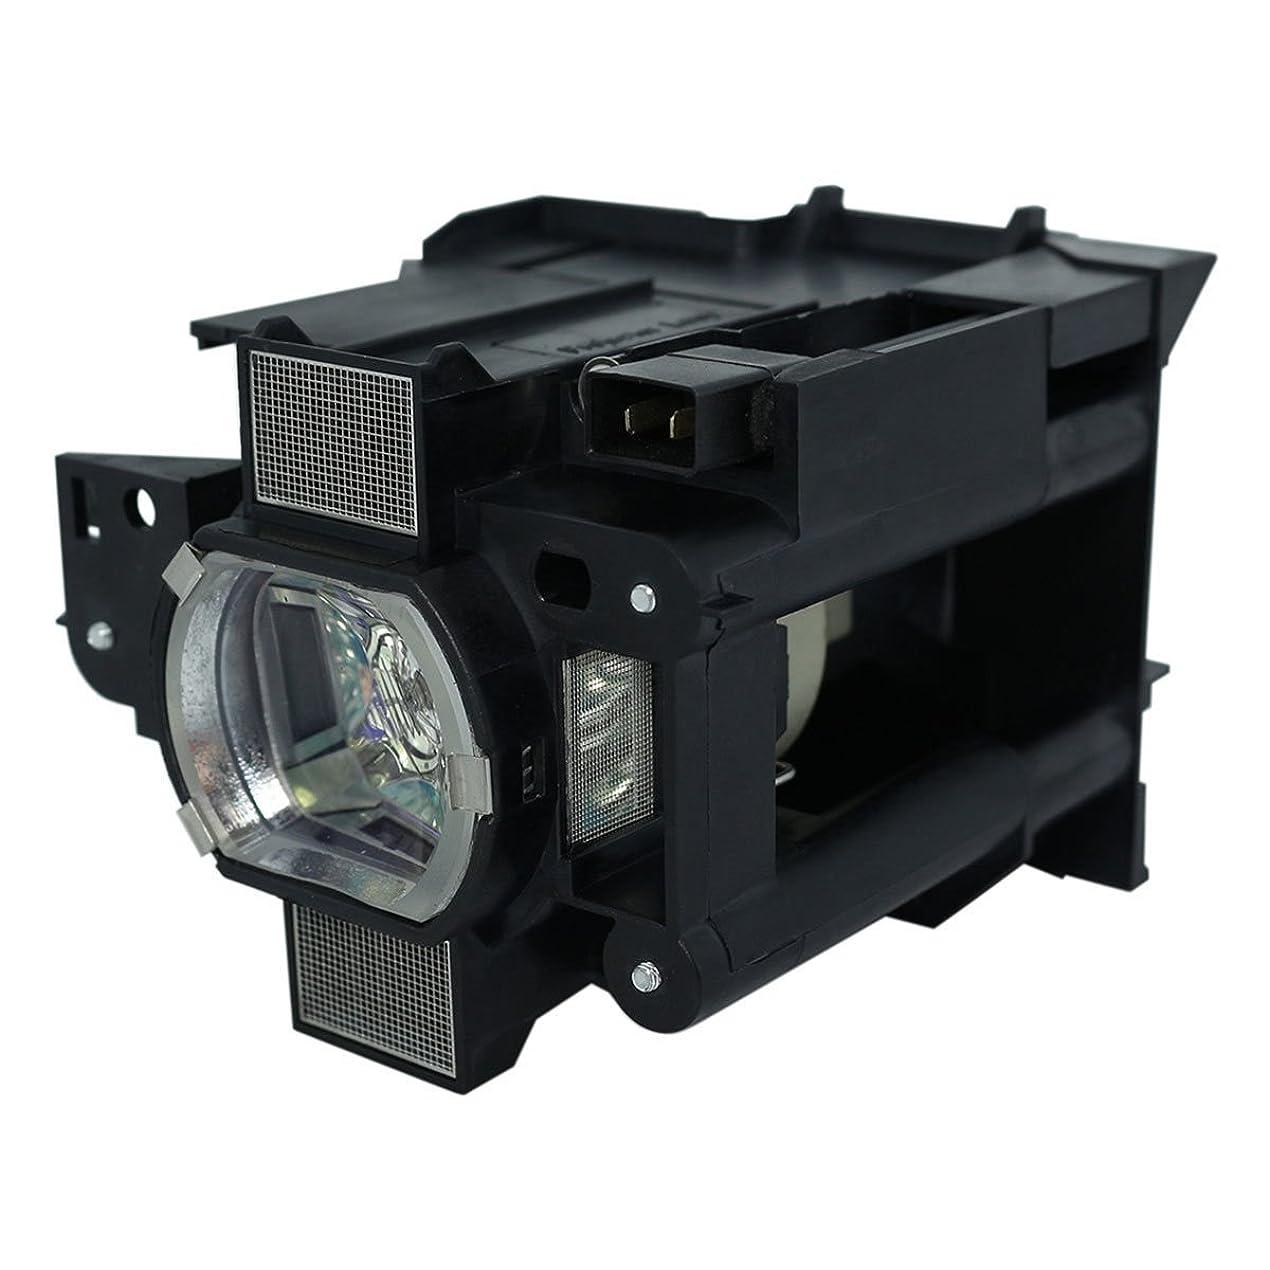 安らぎ残高確立Supermait DT01291 プロジェクター交換用ランプ 汎用 150日間安心保証つき CP-SX8350 / CP-WU8450 / CP-WU8451 / CP-WUX8450 / CP-WX8255 / CP-WX8255A / CP-X8160 / HCP-D757S 対応